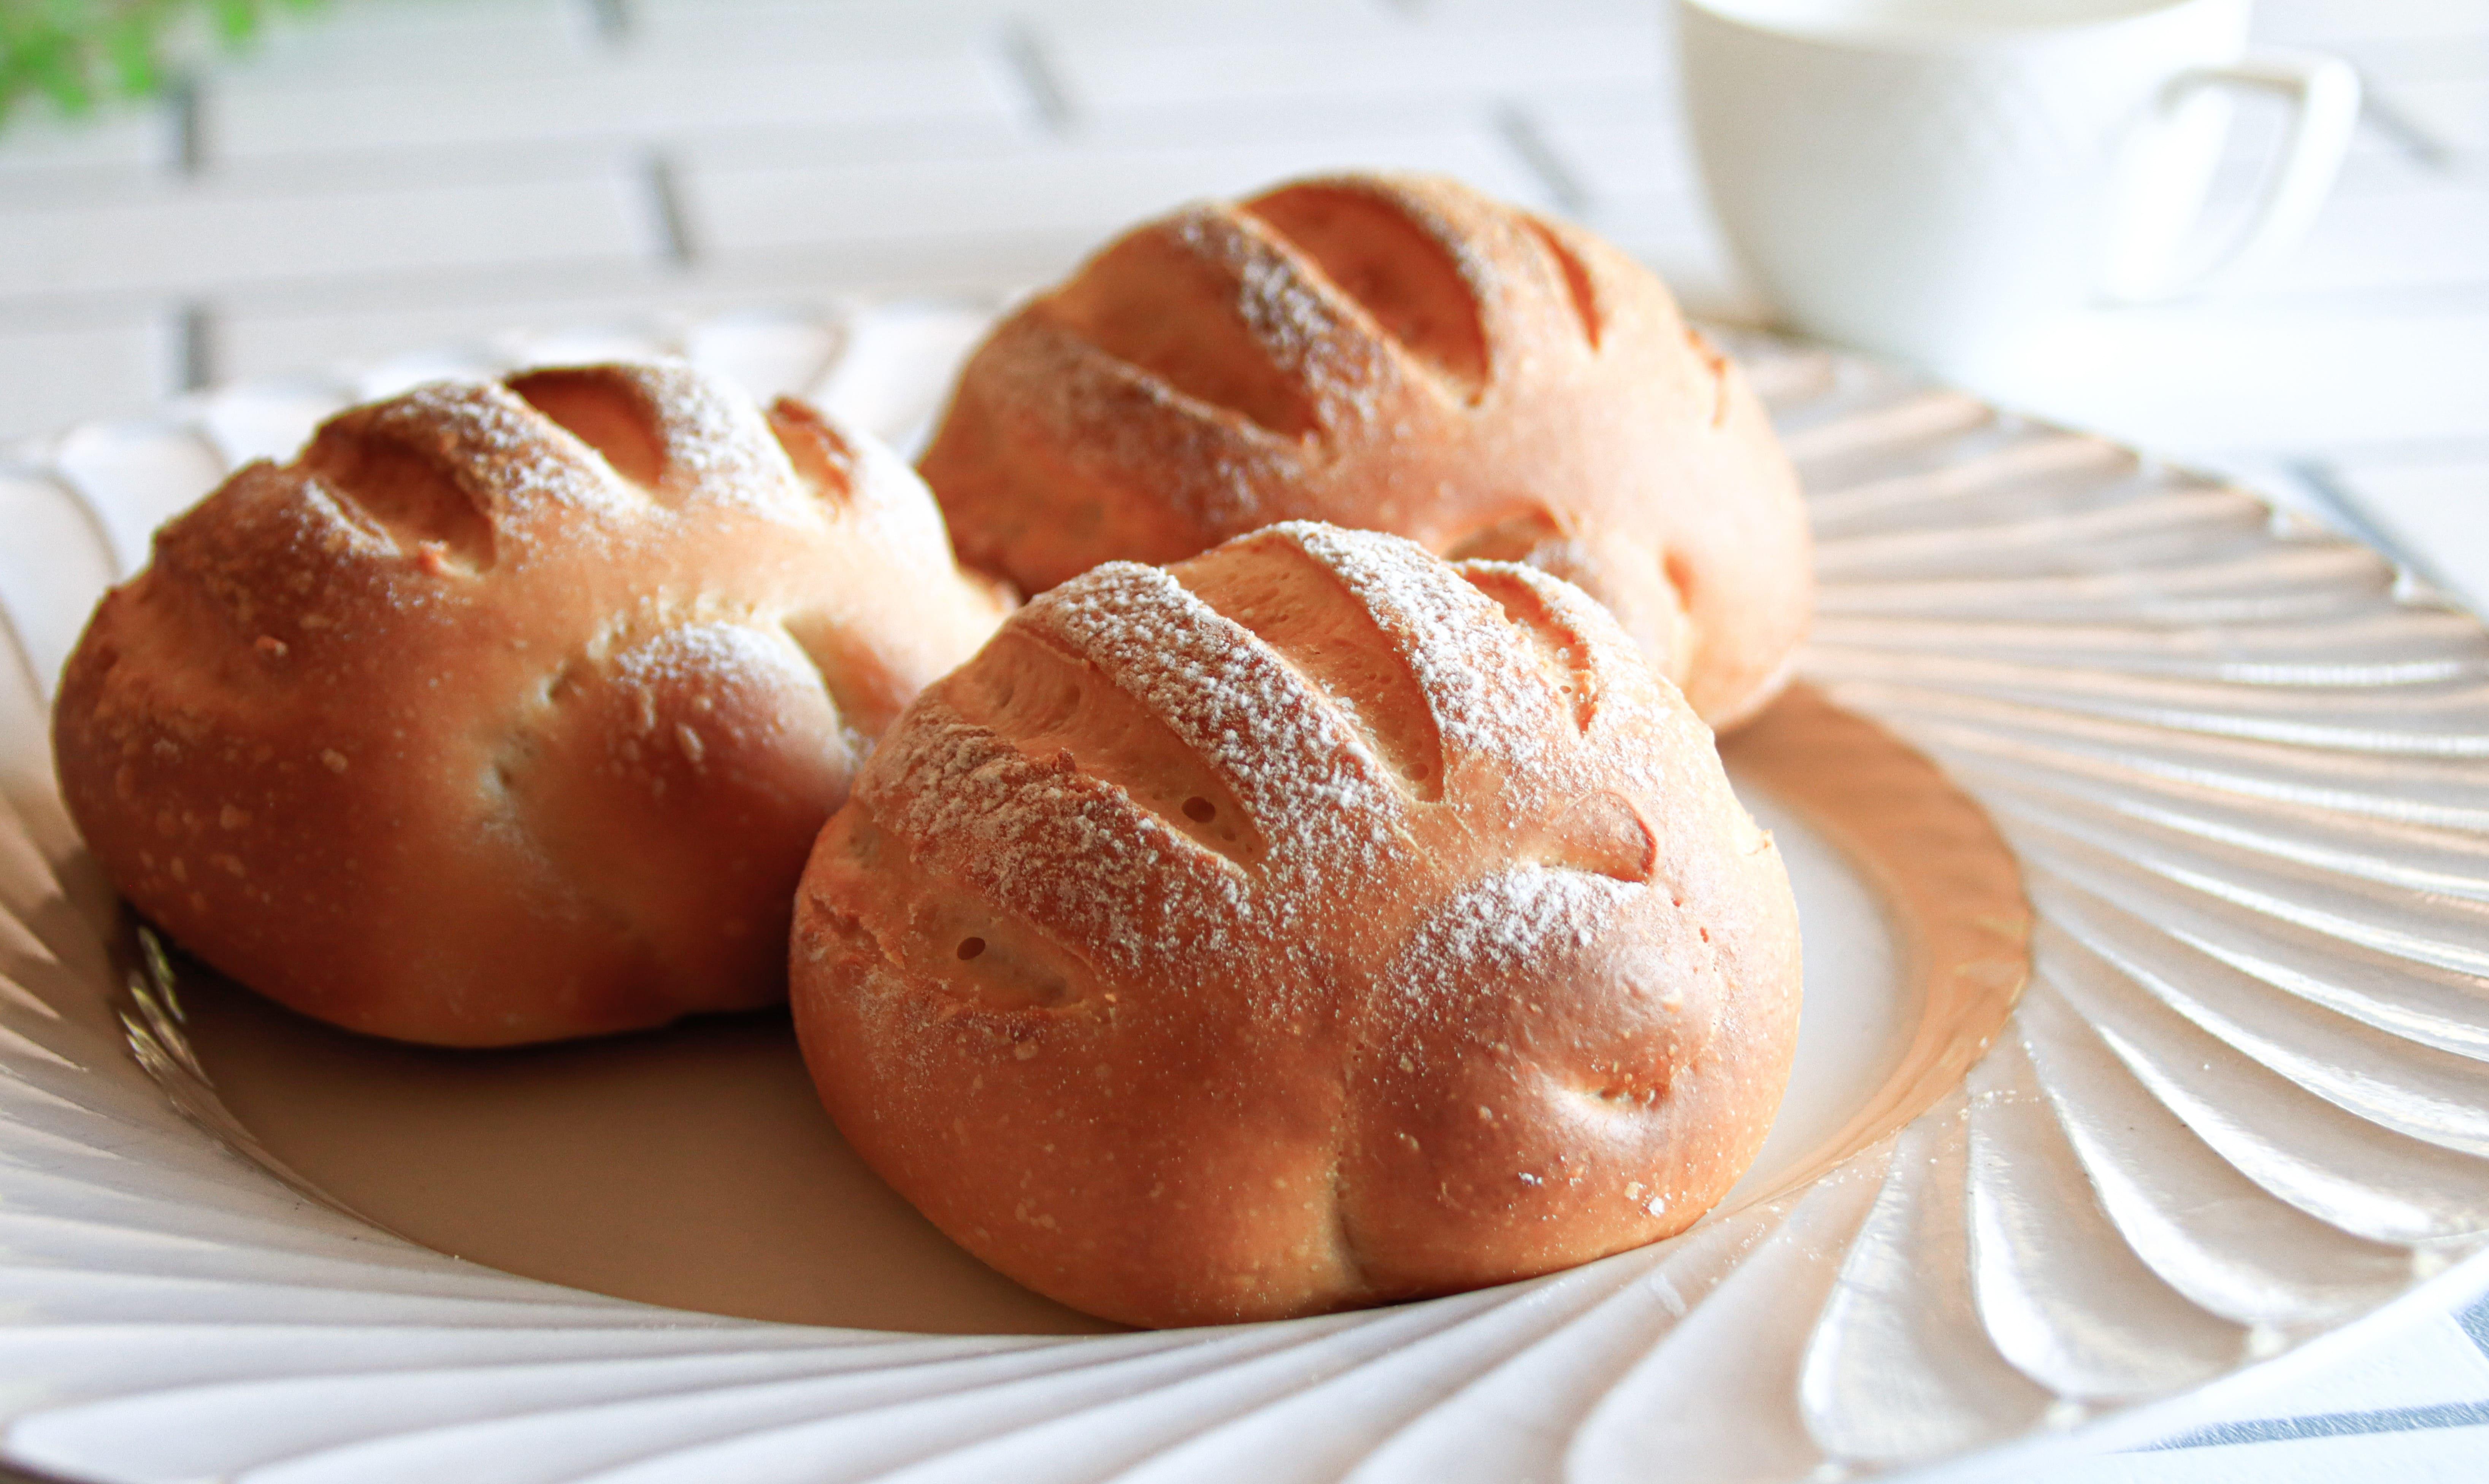 パン生地がベタベタ!食パンなどの失敗はこねすぎ&こね時間が原因?こね始めはべたついても大丈夫です!